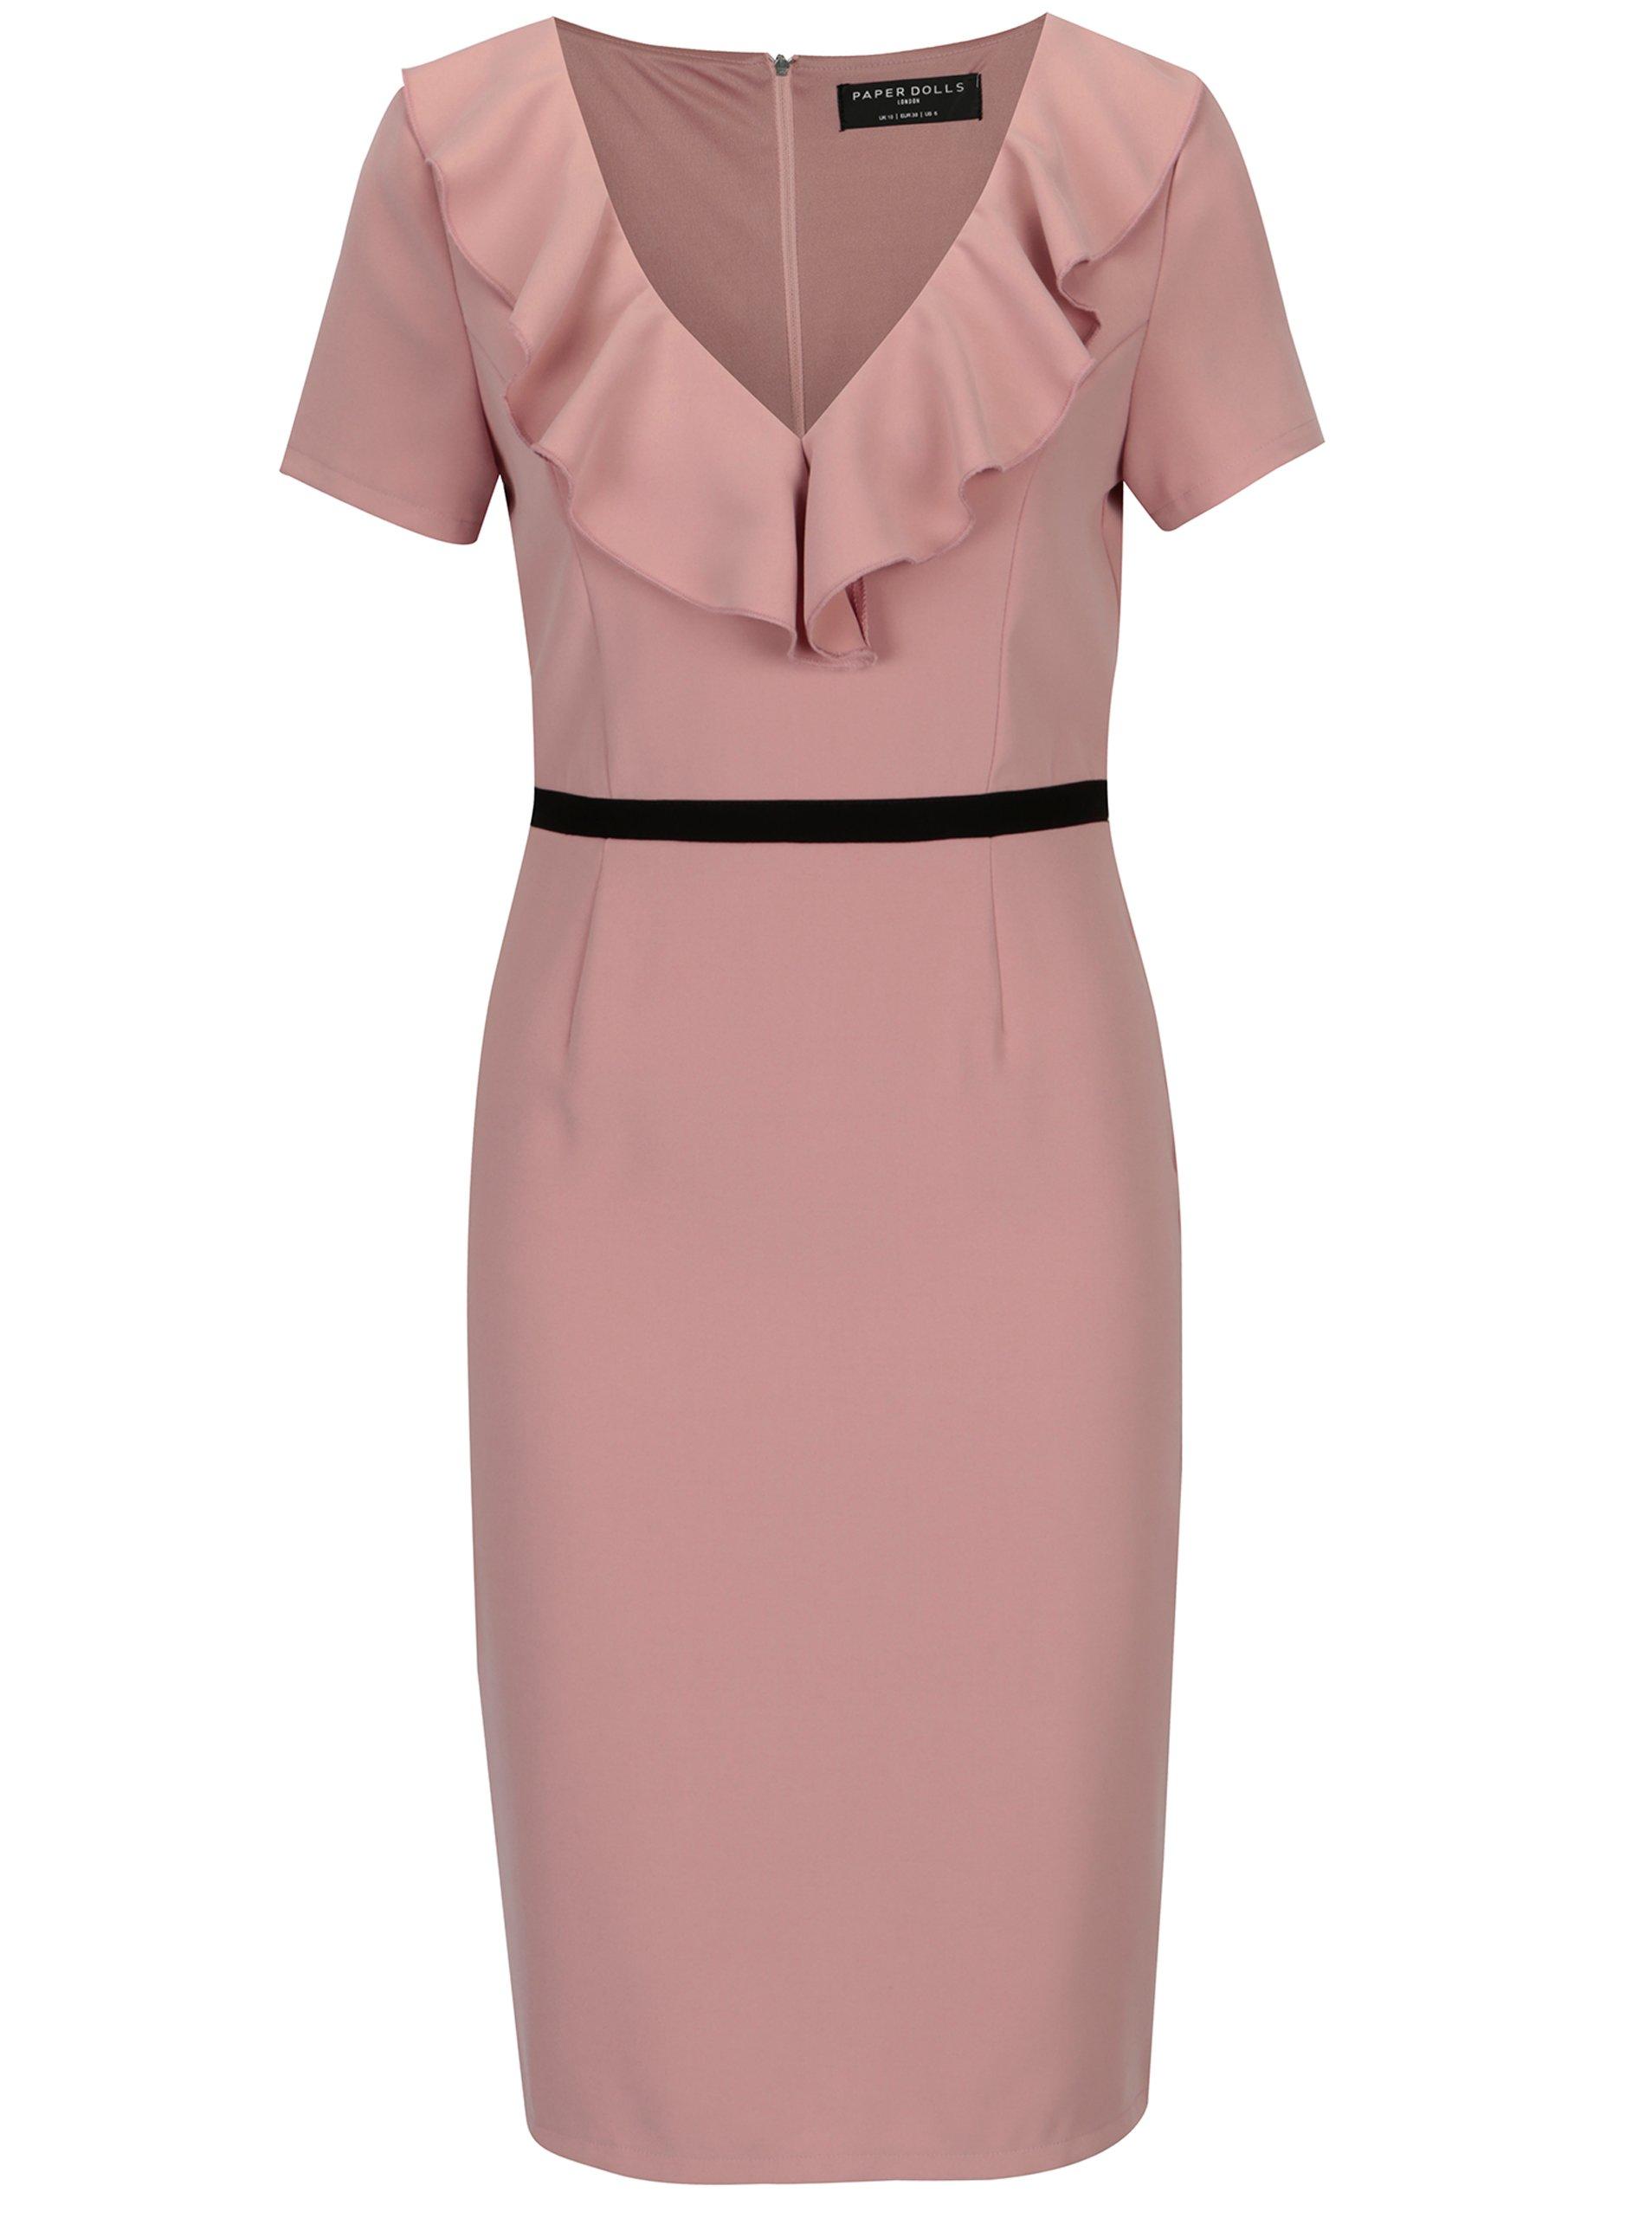 dee9d97f84d4 Růžové šaty s volánky ve výstřihu Paper Dolls